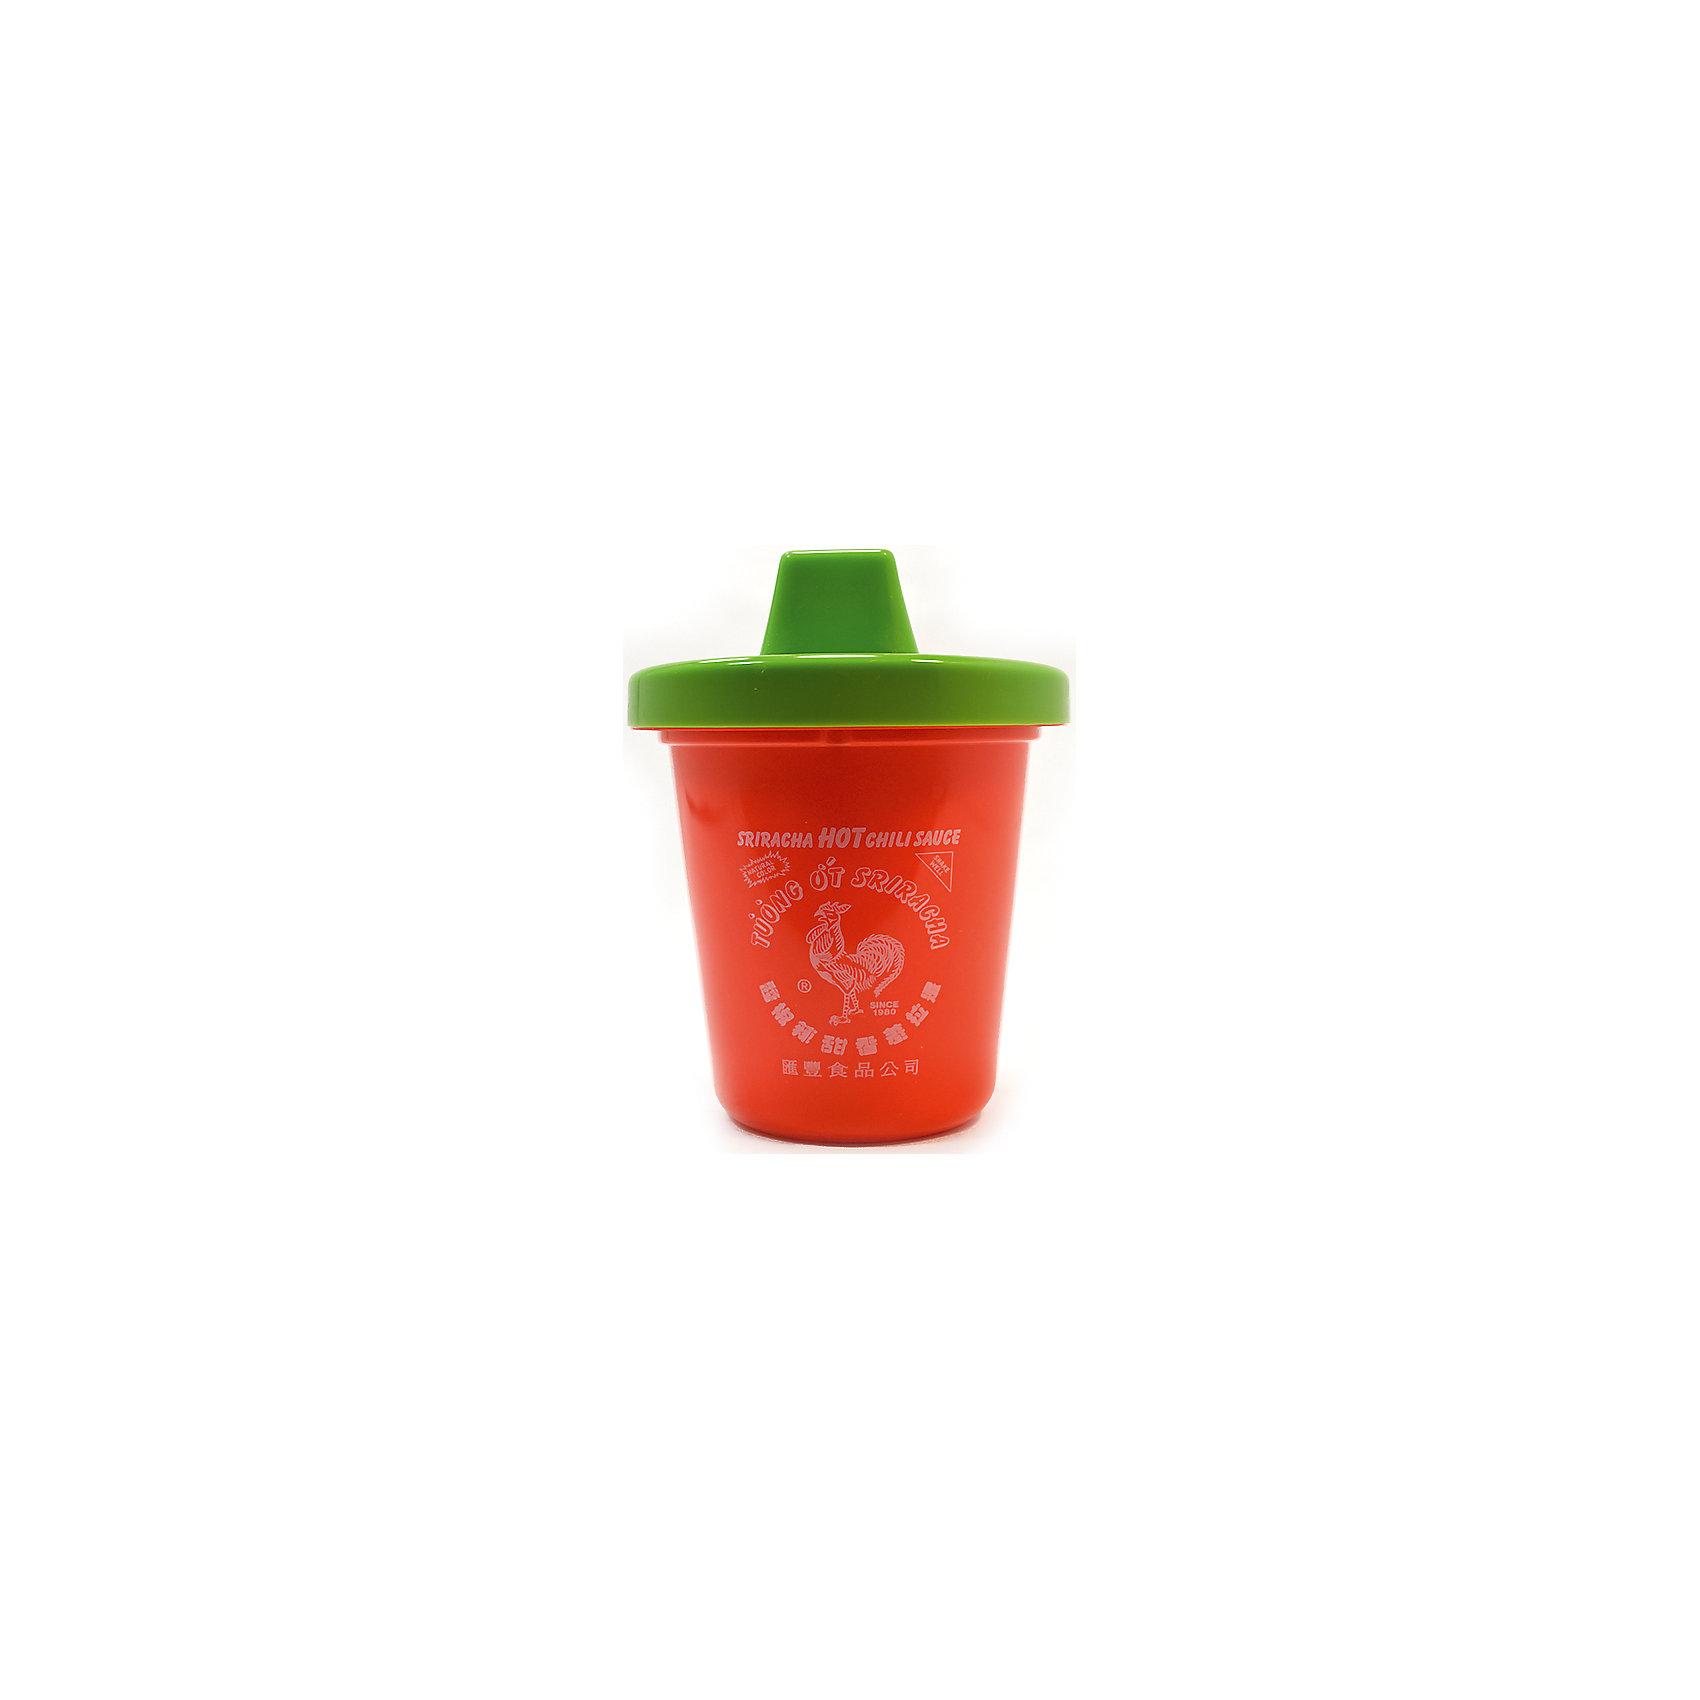 Поильник Sriracha Sippy Cup, GamagoПоильник Sriracha Sippy Cup, Gamago.<br><br>Характеристики:<br>• изготовлен из прочного качественного пластика<br>• не содержит бисфенол-А<br>• крышка-непроливайка<br>• подходит для посудомоечной машины<br>• удобен для детских рук<br>• легко мыть<br>• оригинальный дизайн<br>• материал: пластик<br>• объем: 225 мл<br>• размер: 10х10х12 см<br>• цвет: красный/зеленый<br><br>Поильник Sriracha Sippy Cup, Gamago изготовлен из экологически чистых материалов, безопасных для ребенка. Крышка-непроливайка обеспечит крохе сухость во время использования. Необычный дизайн поильника создан специально для любителей острого чили. Прекрасный выбор для стильных детей!<br><br>Поильник Sriracha Sippy Cup, Gamago вы можете купить в нашем интернет-магазине.<br><br>Ширина мм: 80<br>Глубина мм: 800<br>Высота мм: 135<br>Вес г: 36<br>Возраст от месяцев: 6<br>Возраст до месяцев: 36<br>Пол: Унисекс<br>Возраст: Детский<br>SKU: 5068747